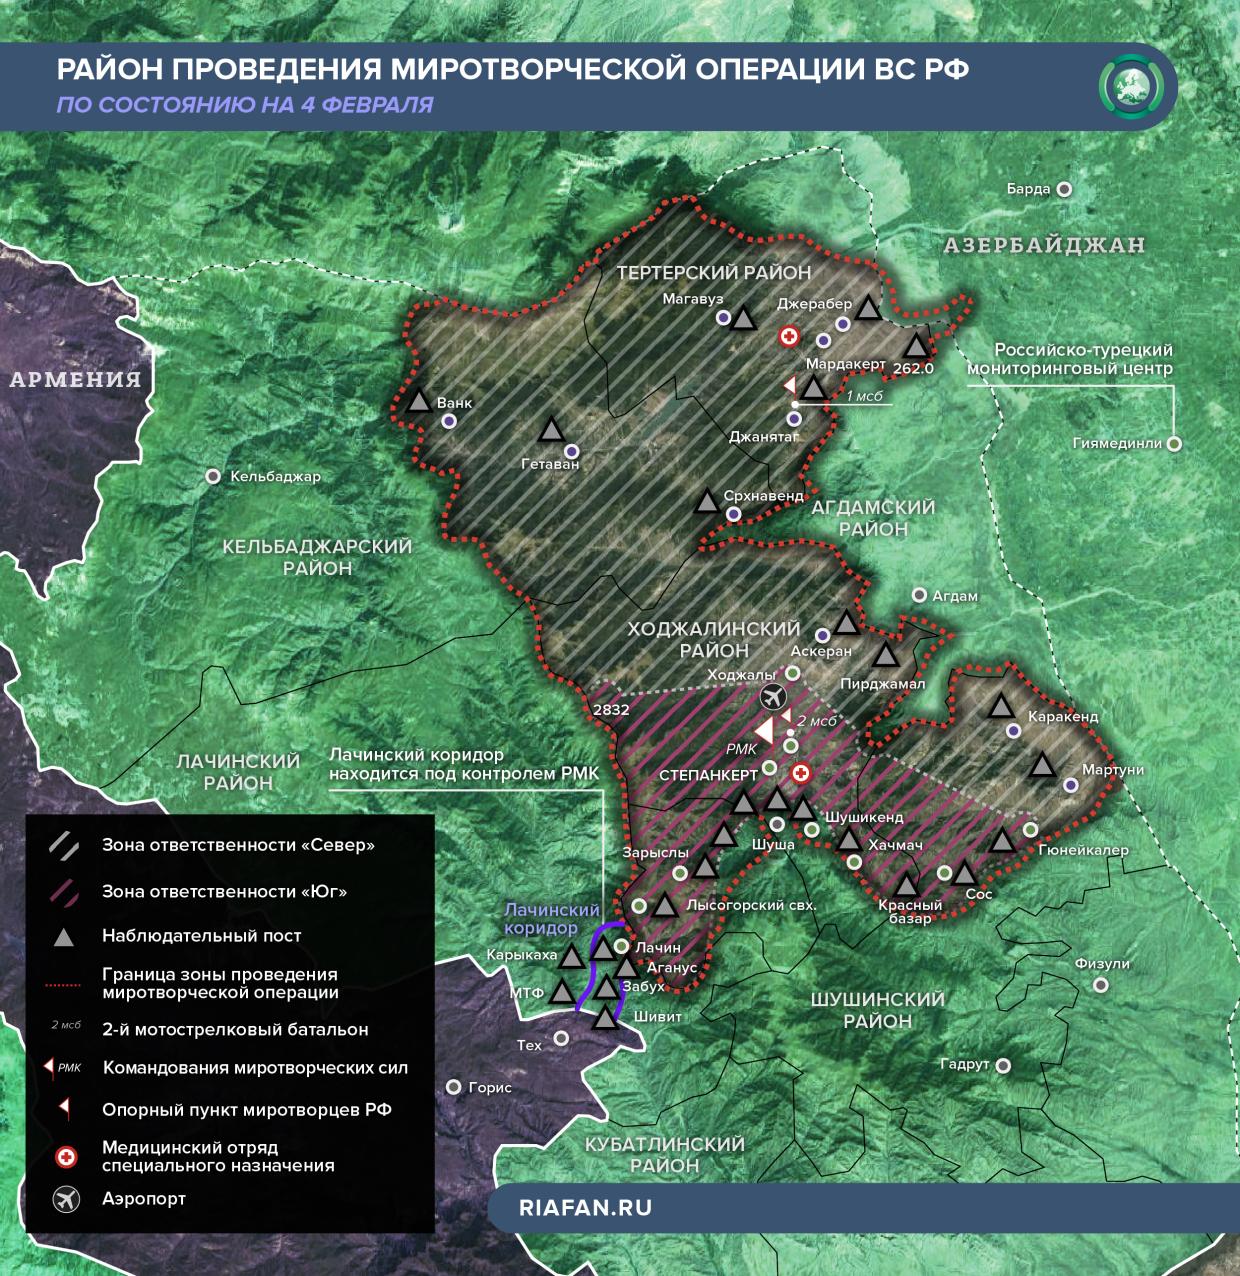 Район проведения миротворческой операции ВС РФ